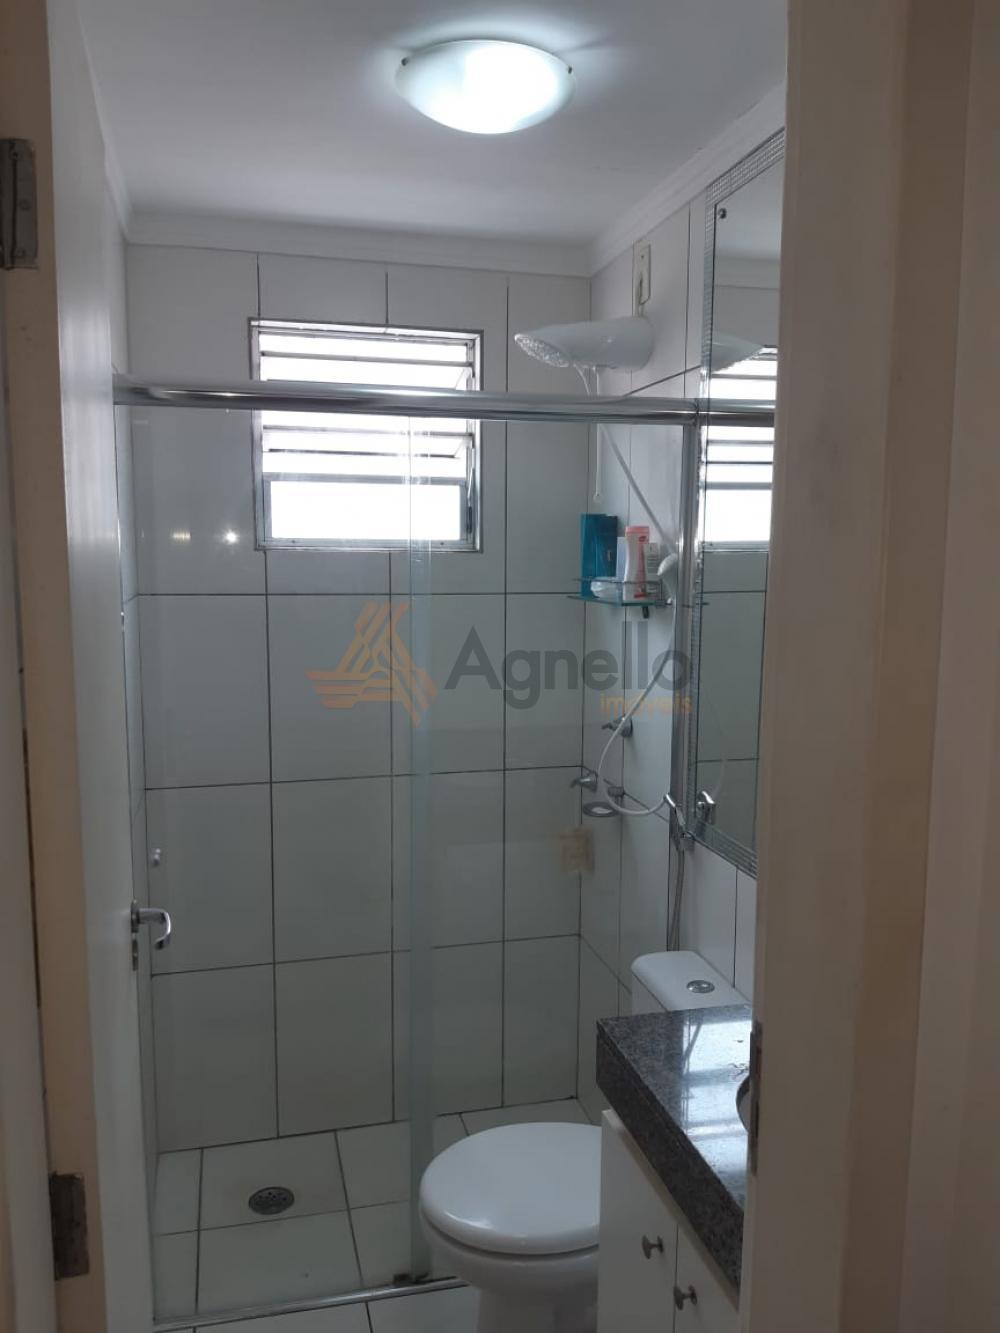 Comprar Apartamento / Padrão em Franca R$ 145.000,00 - Foto 8